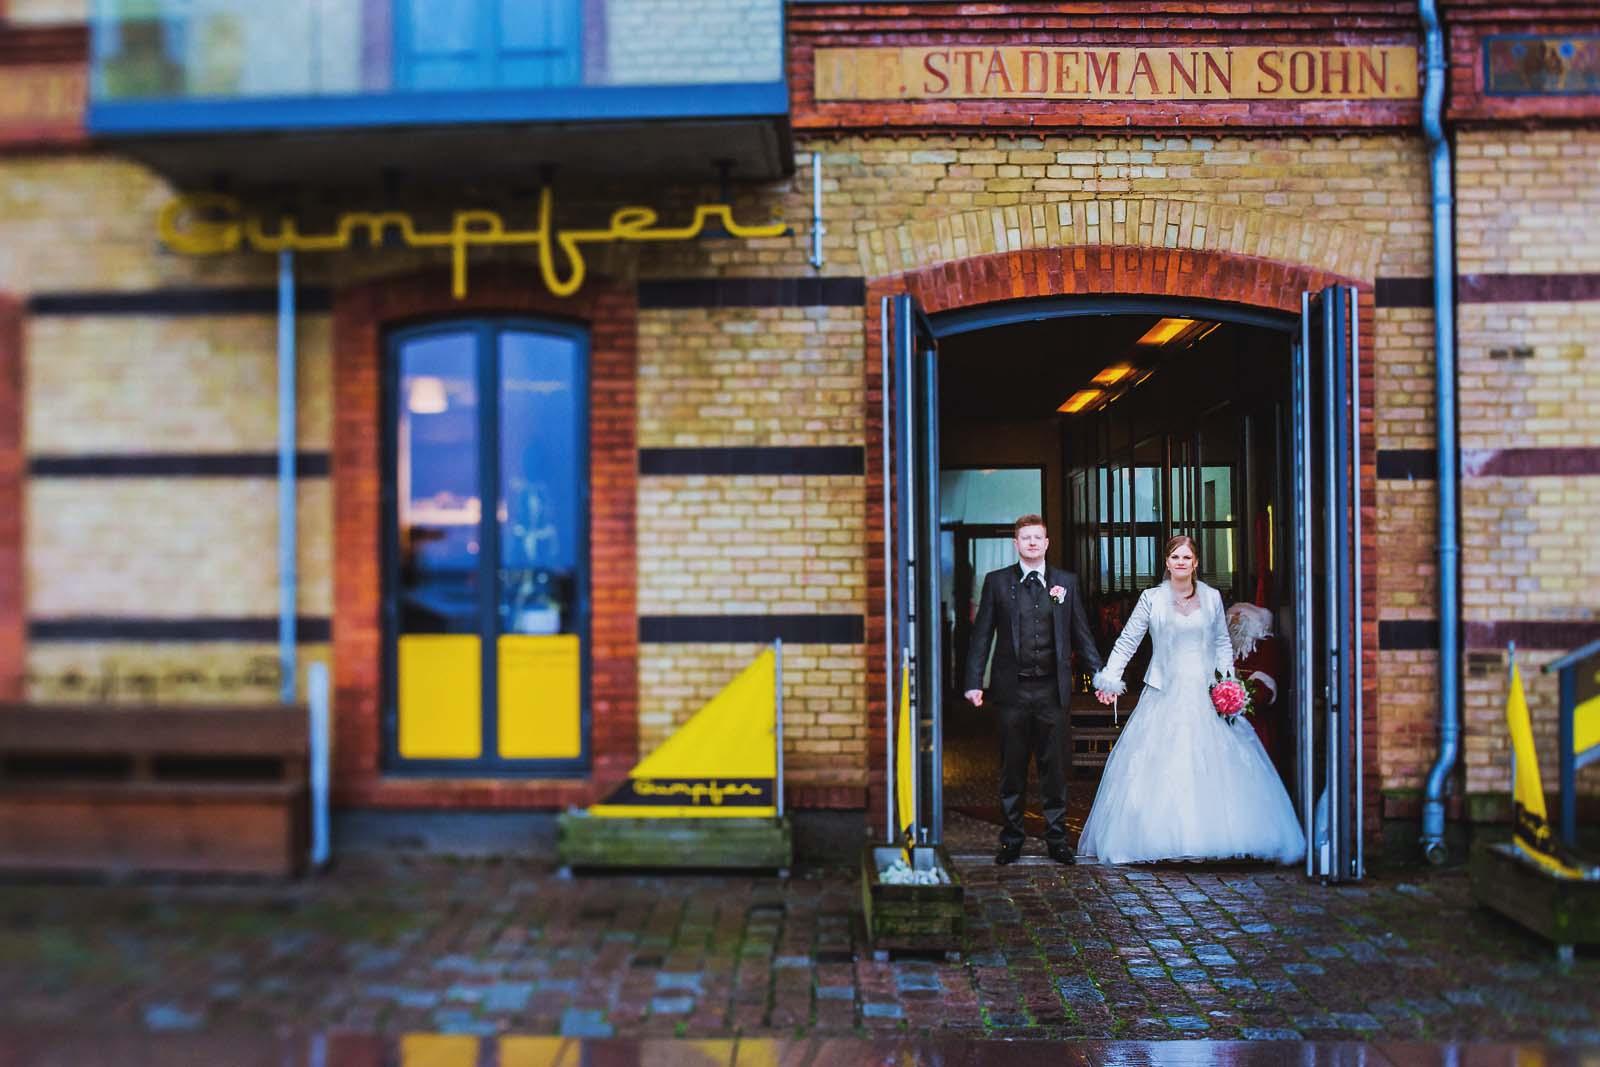 Hochzeitsfotograf mit Brautpaar beim Fotoshooting in der Altstadt von Stralsund Copyright by Hochzeitsfotograf www.berliner-hochzeitsfotografie.de